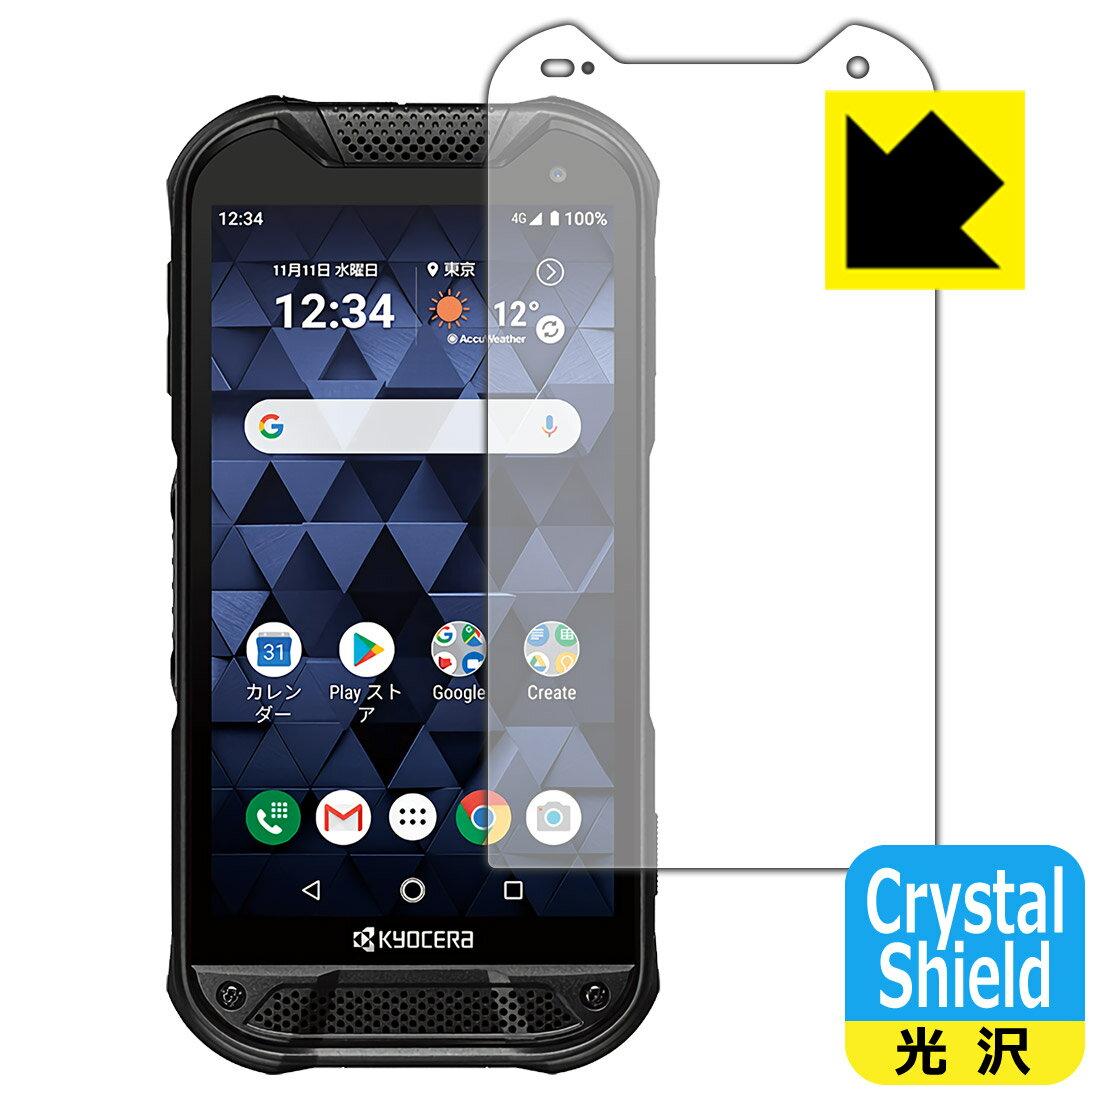 スマートフォン・携帯電話アクセサリー, 液晶保護フィルム Crystal Shield DuraForce PRO 2 (E6921) 3 RCPsmtb-kd